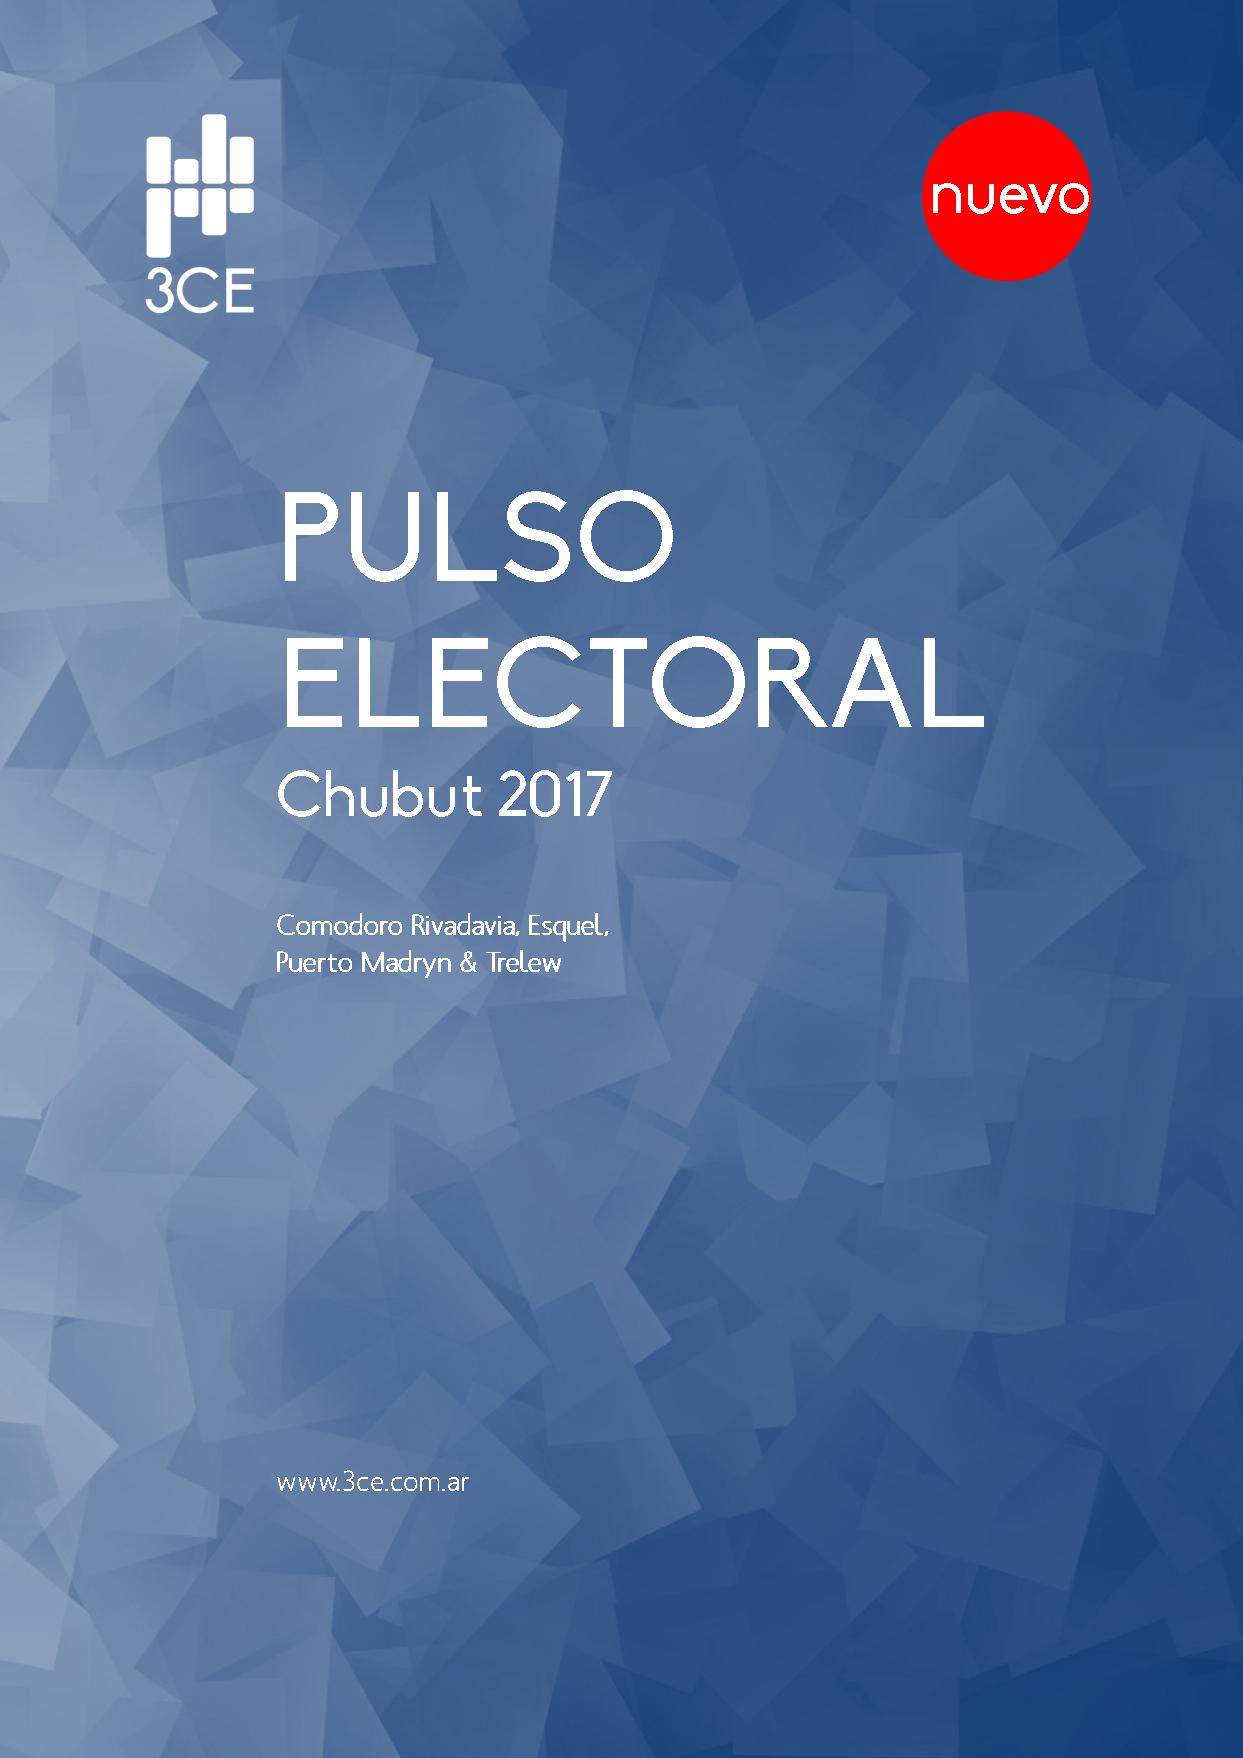 PULSO_ELECTORAL